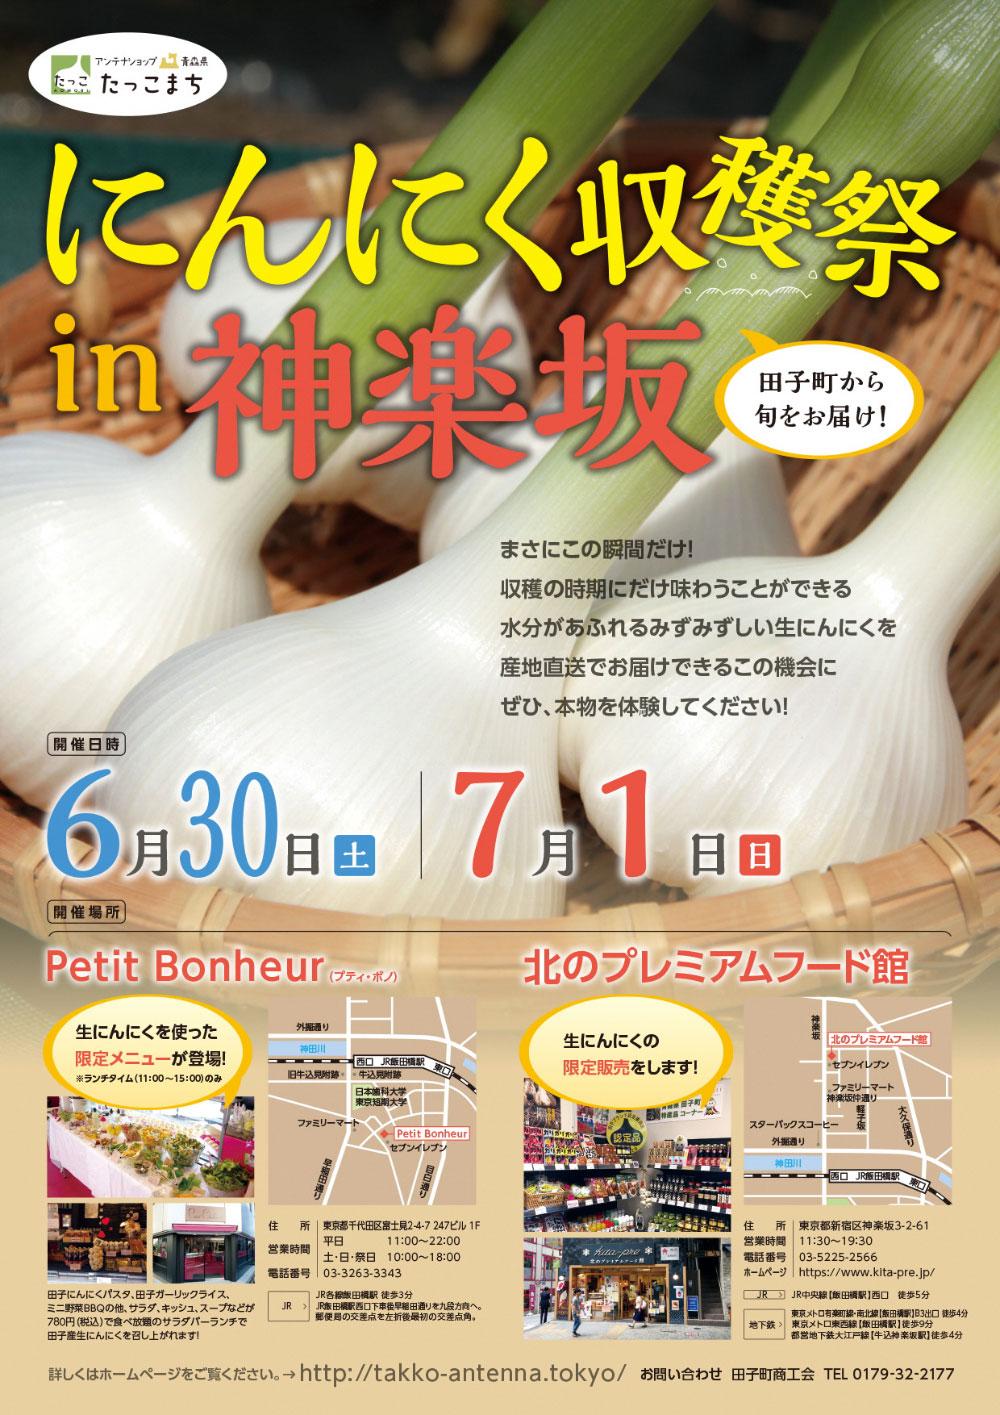 にんにく収穫祭in神楽坂 6月30日、7月1日